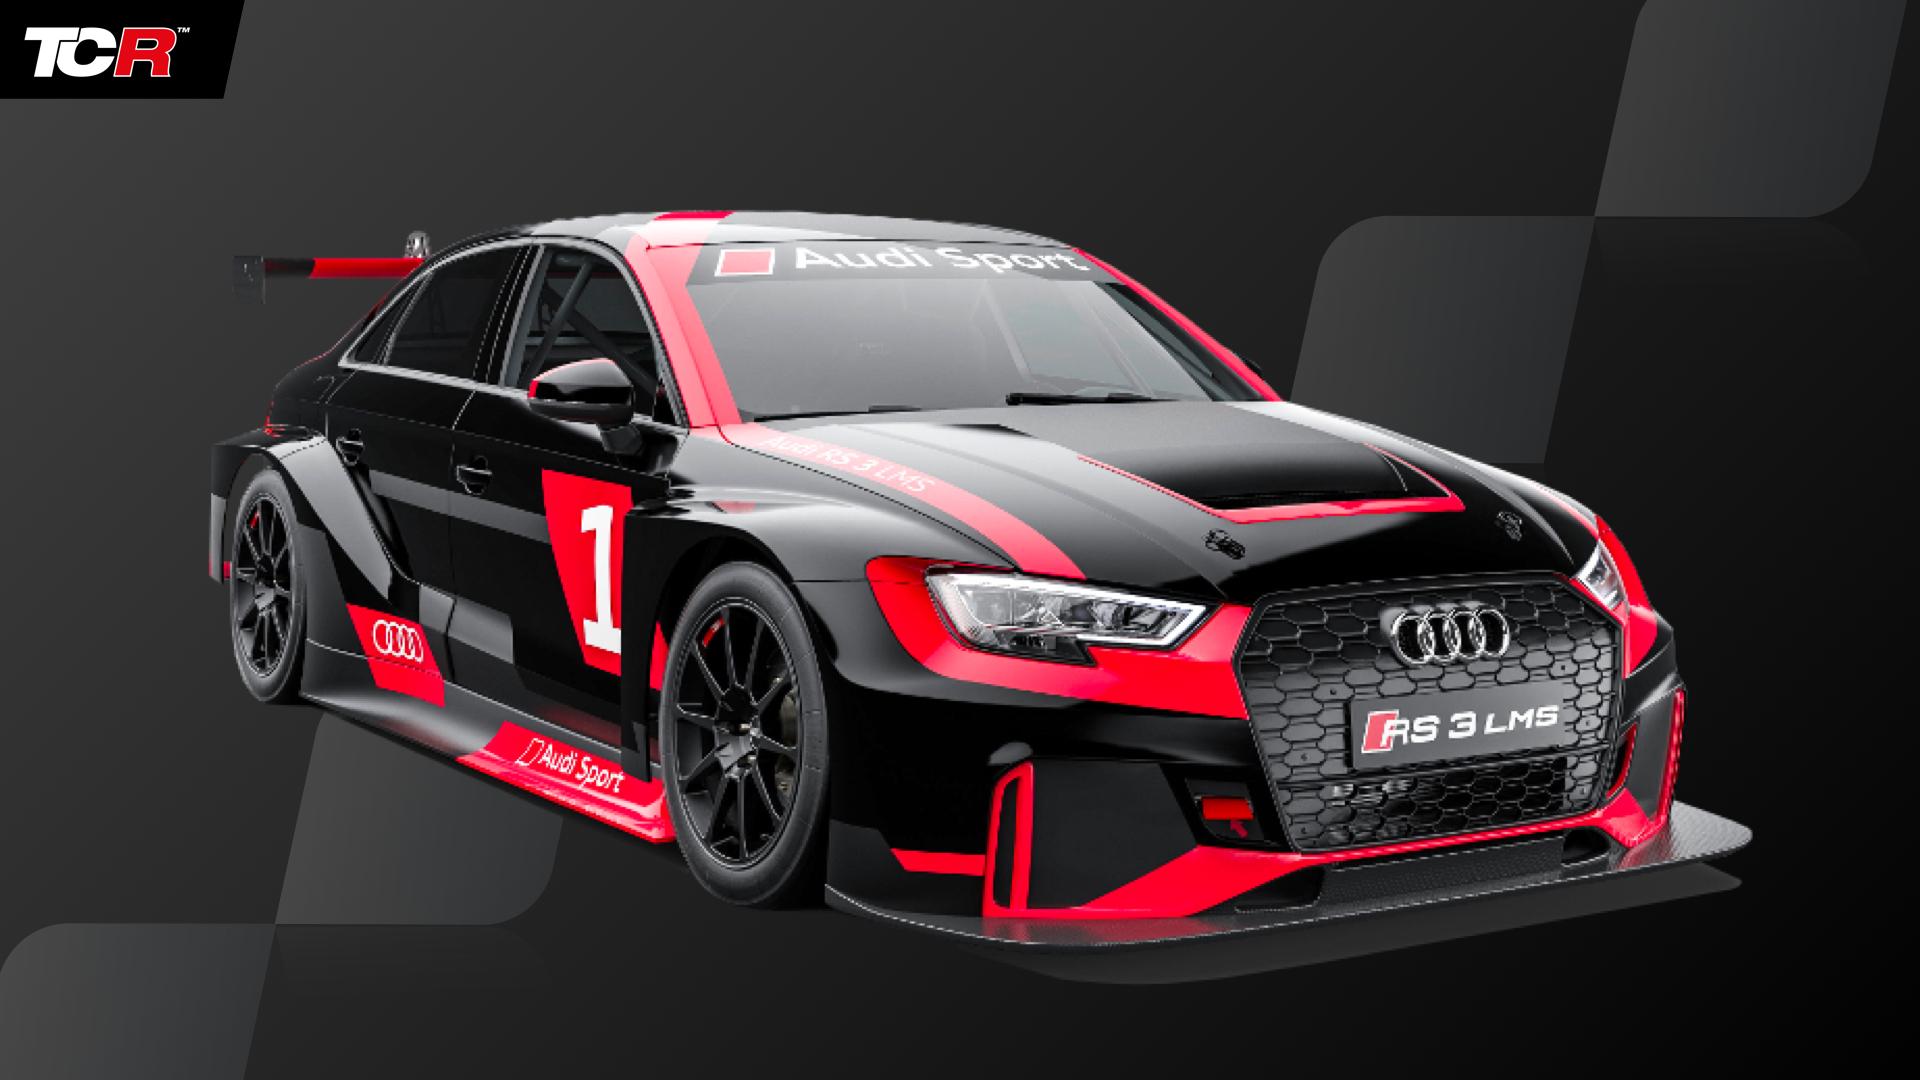 Kelebihan Kekurangan Audi Rs3 Lms Murah Berkualitas